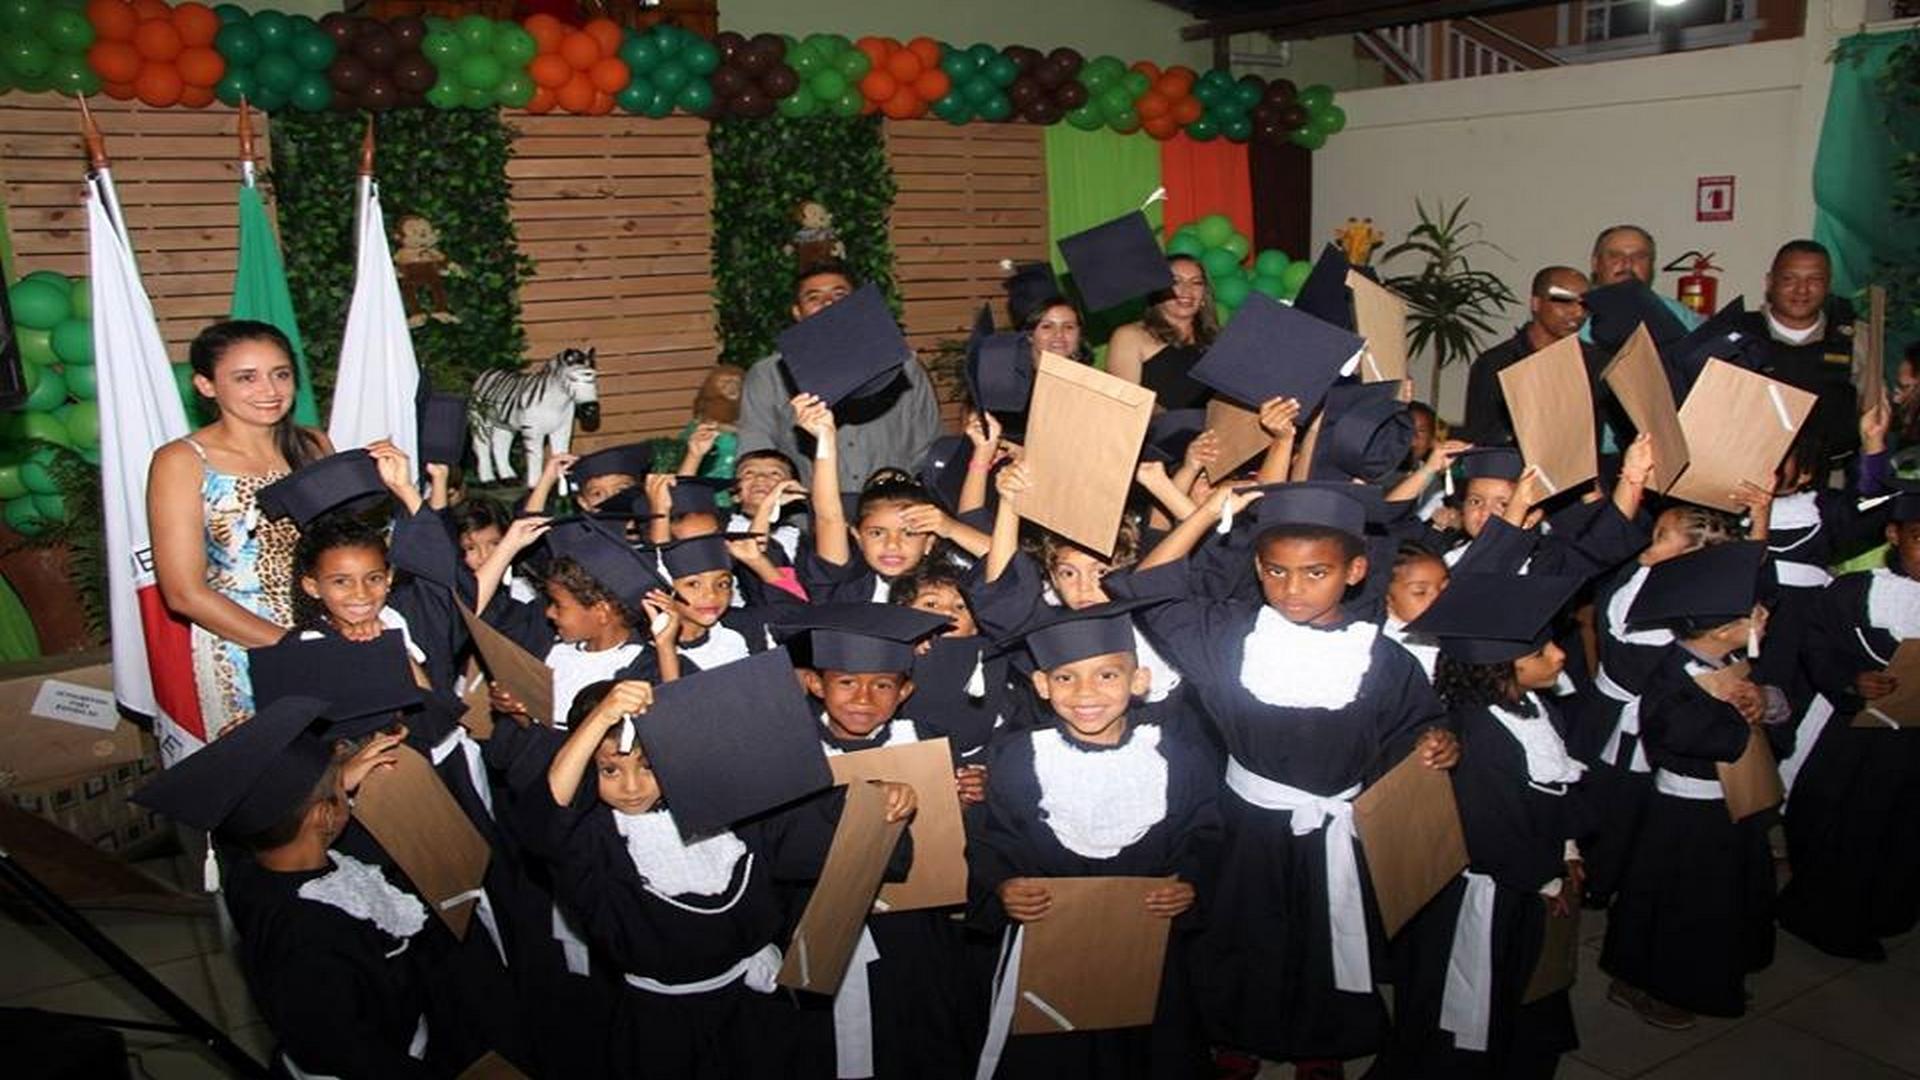 PREFEITURA MUNICIPAL REALIZA FORMATURA DAS TURMAS DE EDUCAÇÃO INFANTIL !!